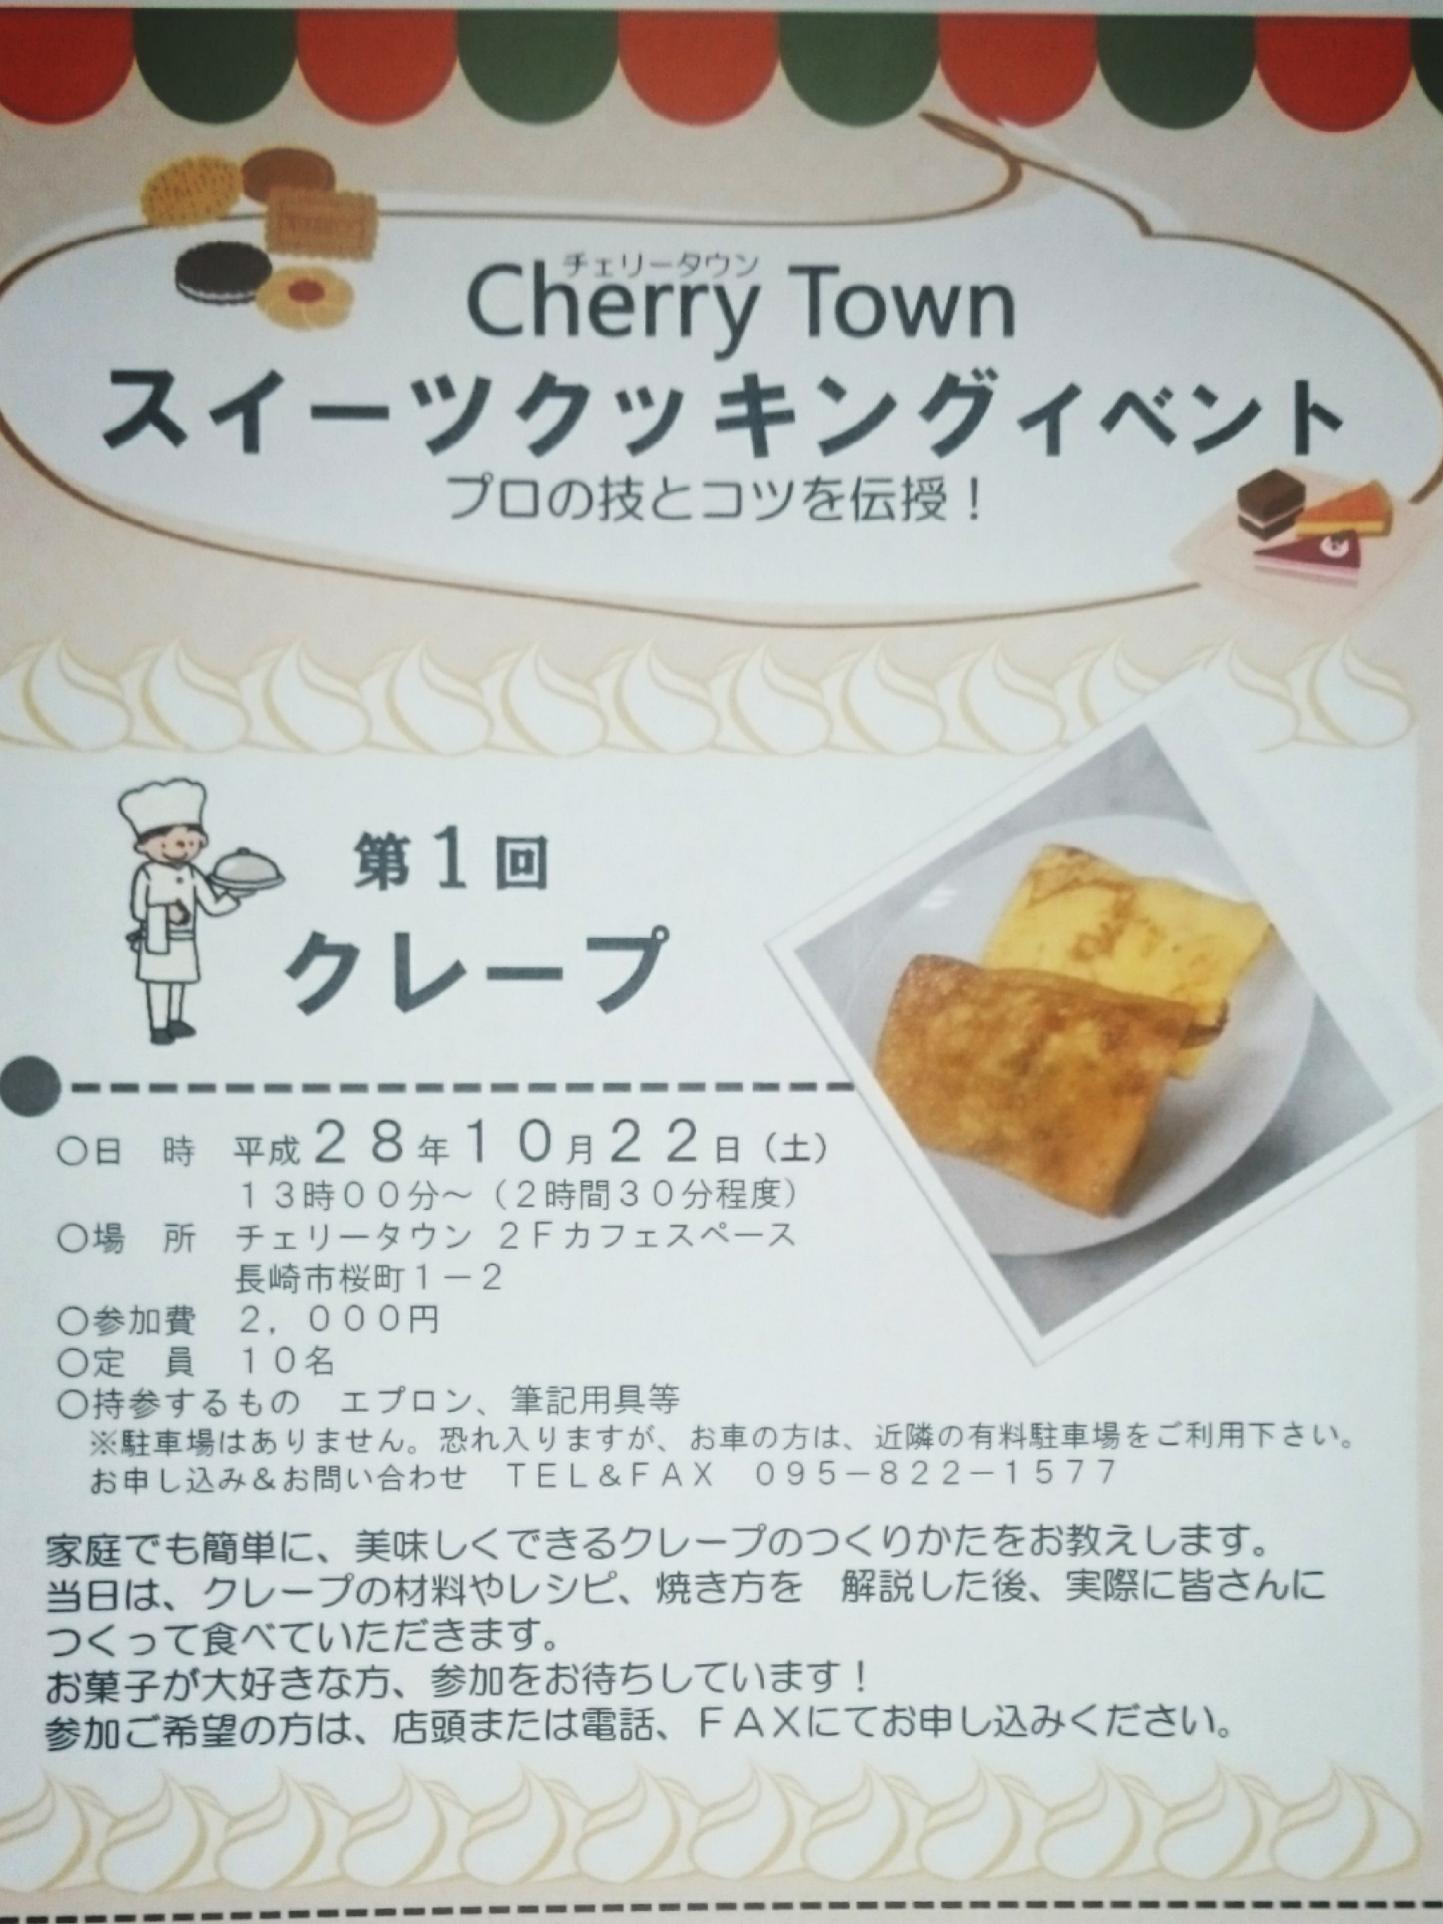 Cherry Town『スイーツ クッキング イベント プロの技とコツを伝授!!』のお知らせ(*^_^*)